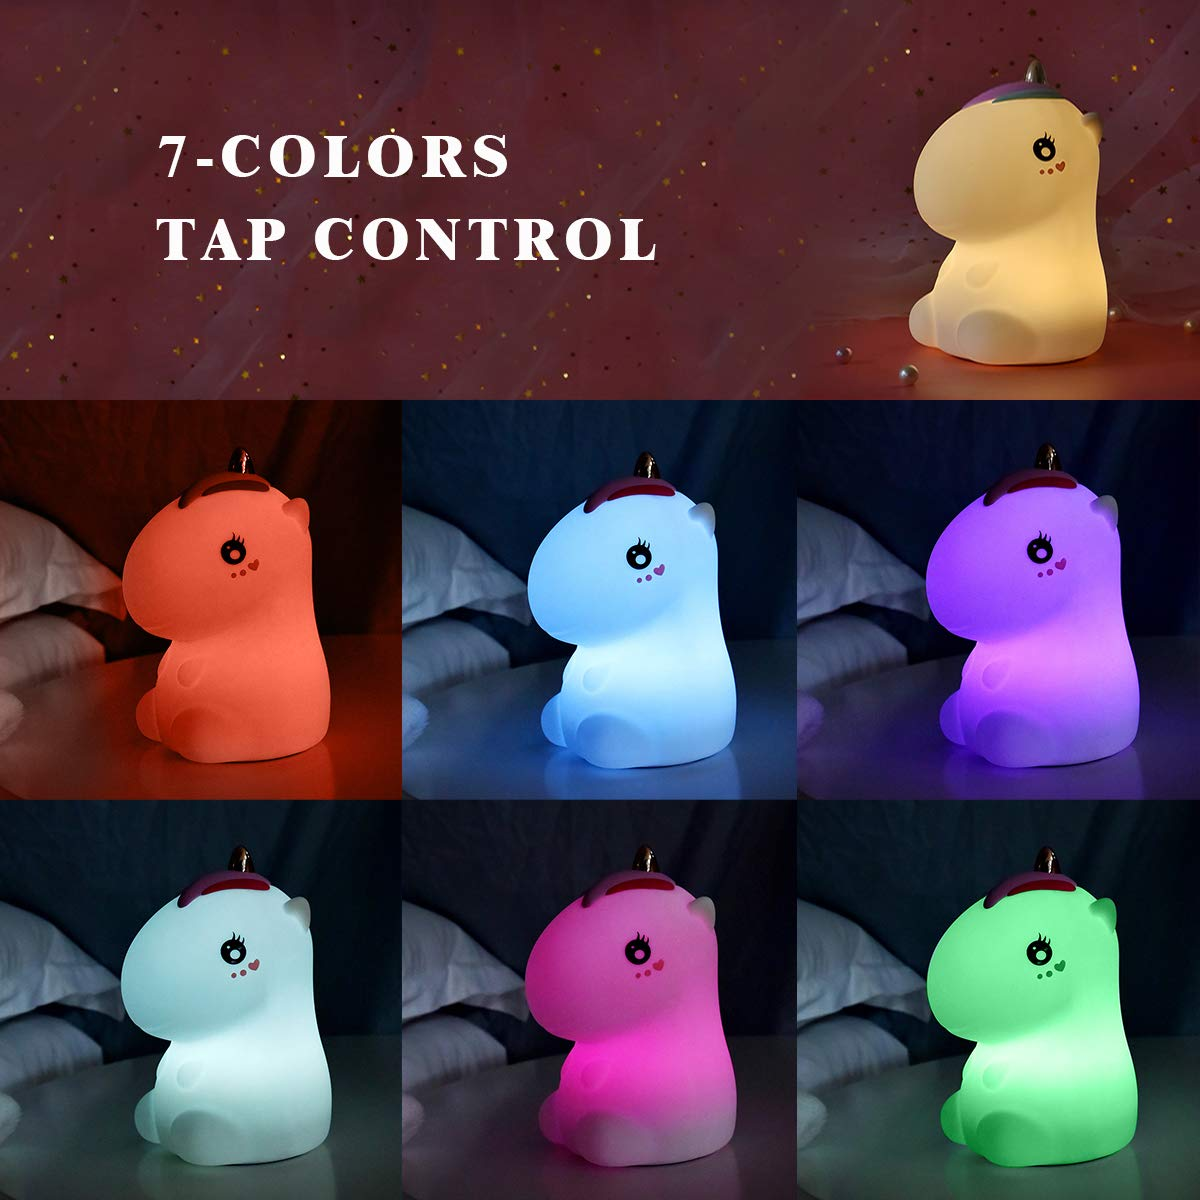 Unicorno Luce Notturna LED per Bambini, Sunvito Cute Lampada USB Ricaricabile in Silicone, Controllo Touch, Luce Calda Dimmerabile e 7-Colore Regolabile (Bianco)